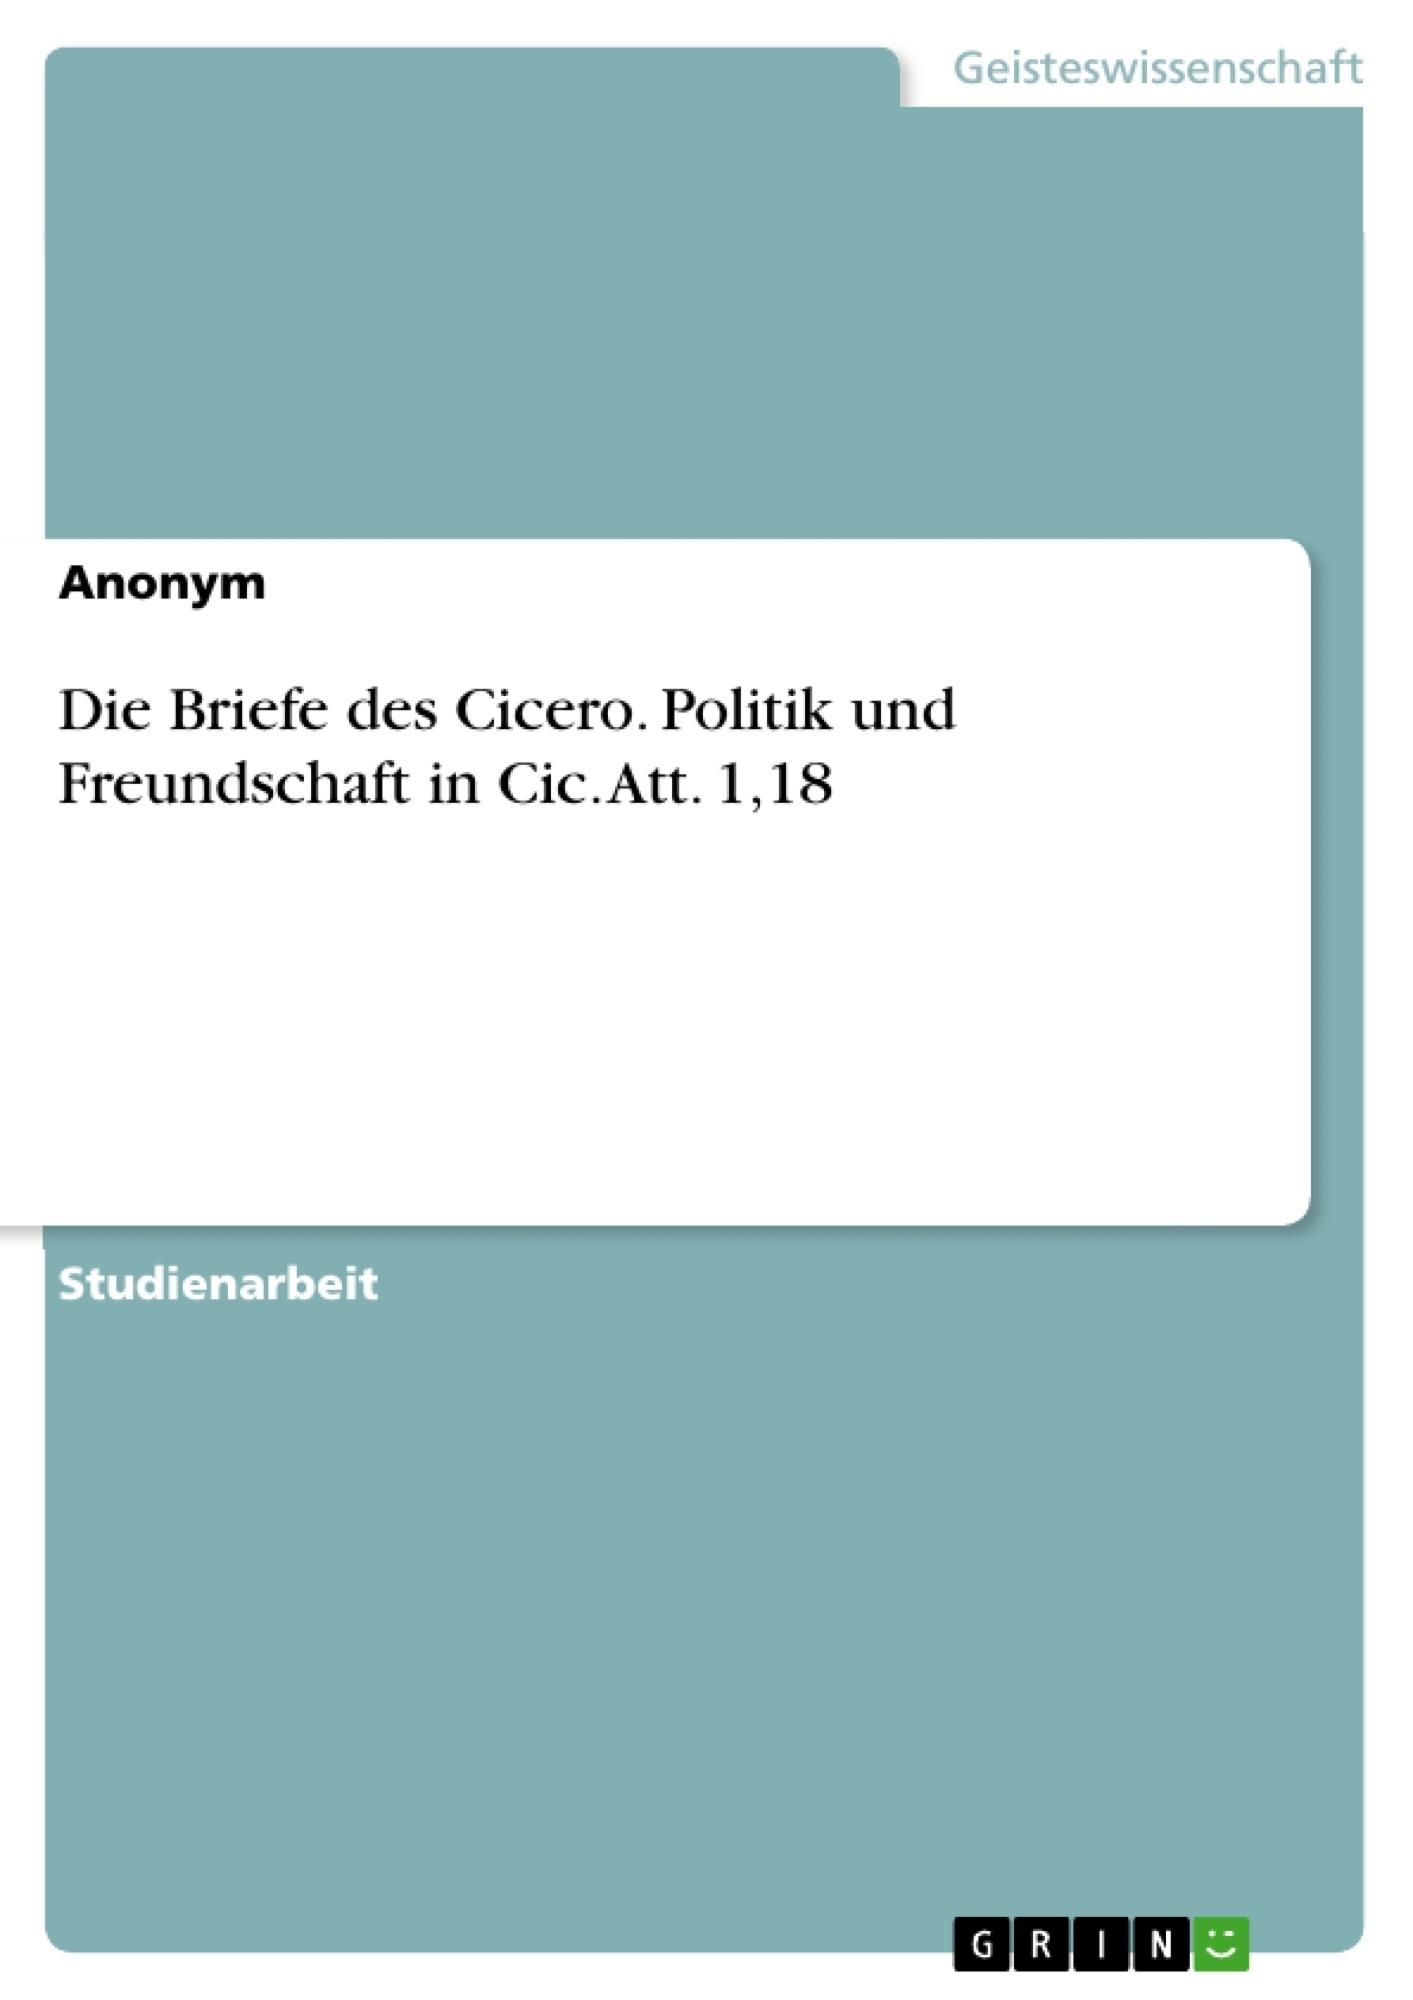 Titel: Die Briefe des Cicero. Politik und Freundschaft in Cic. Att. 1,18